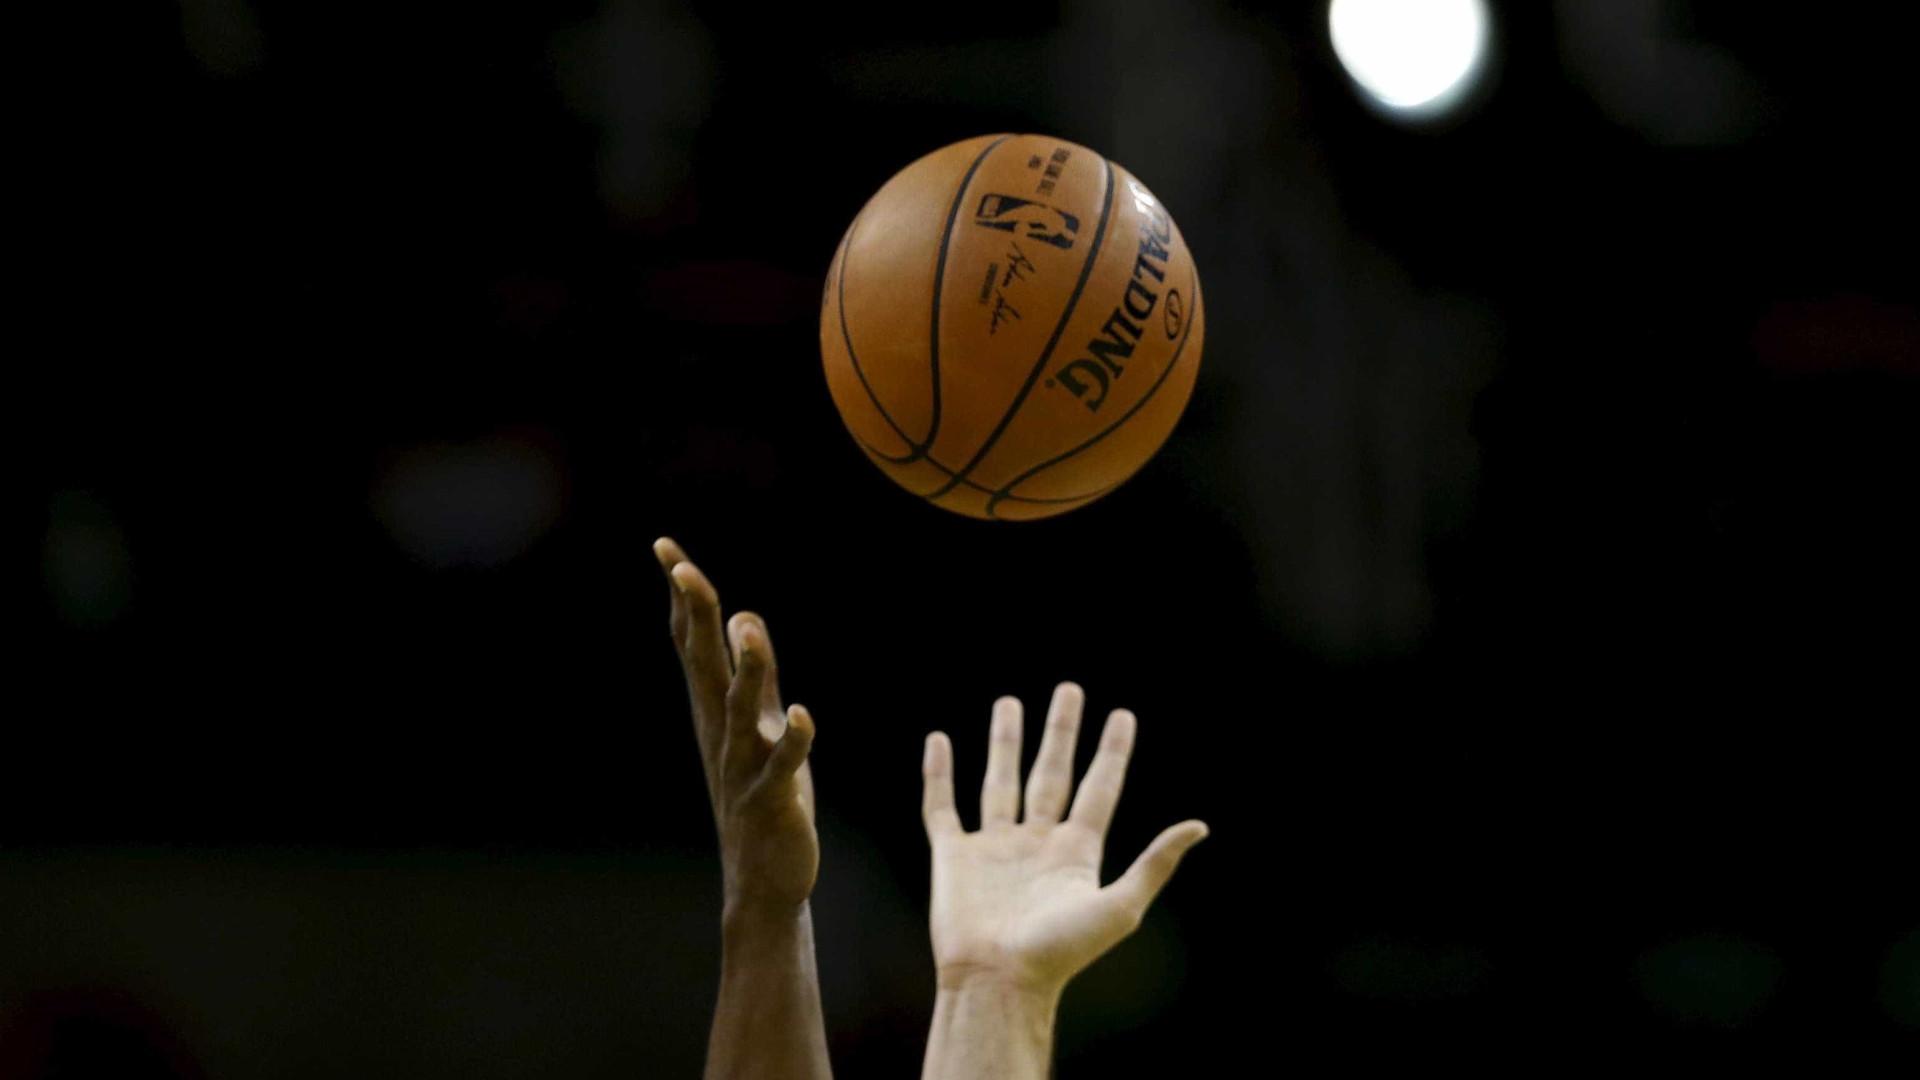 Nova crise política faz basquete brasileiro reviver fantasmas